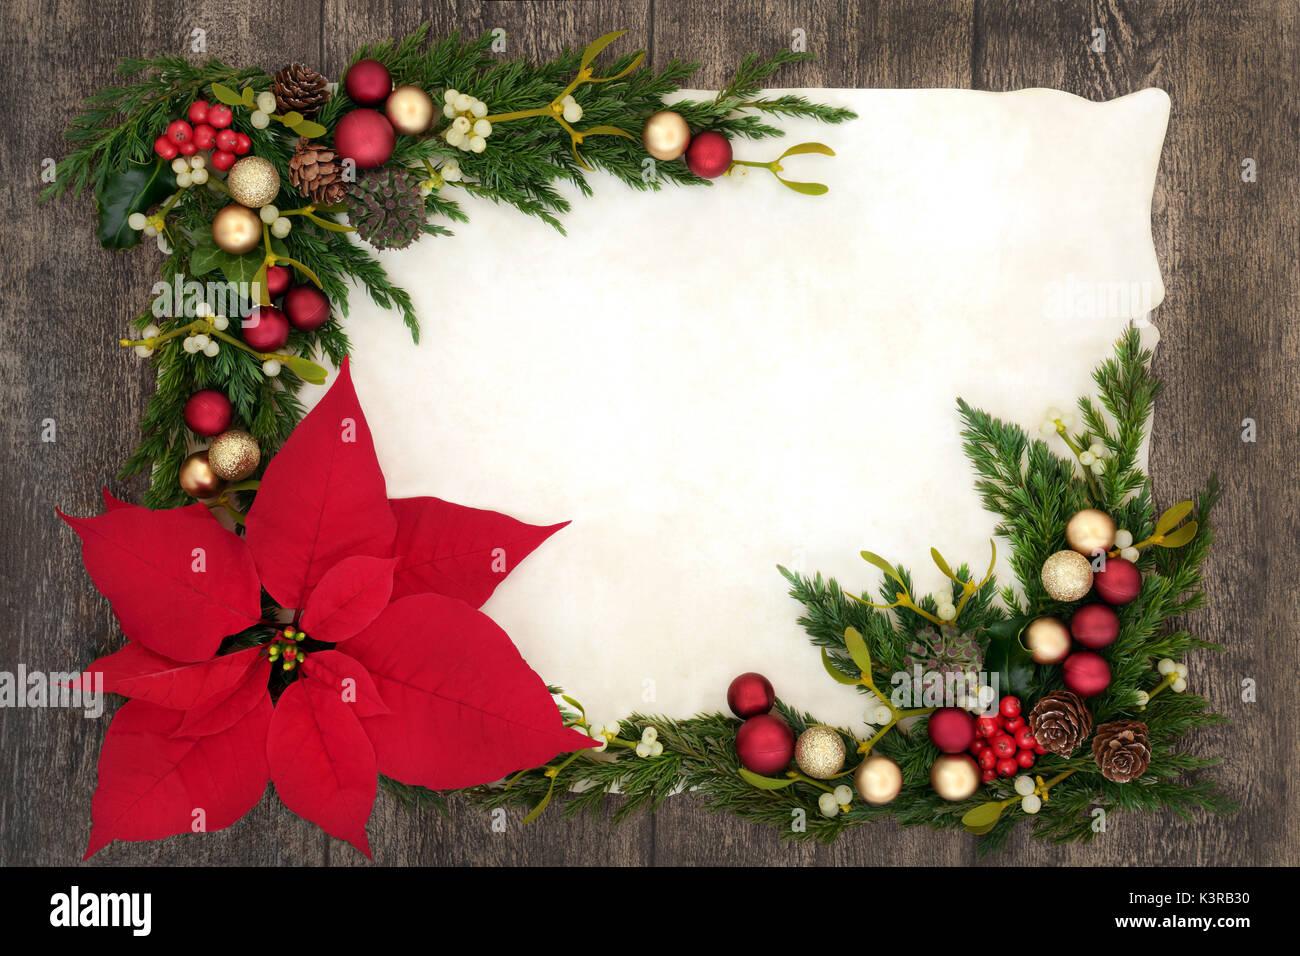 Weihnachten Hintergrund Grenze mit Weihnachtsstern Blume auf ...